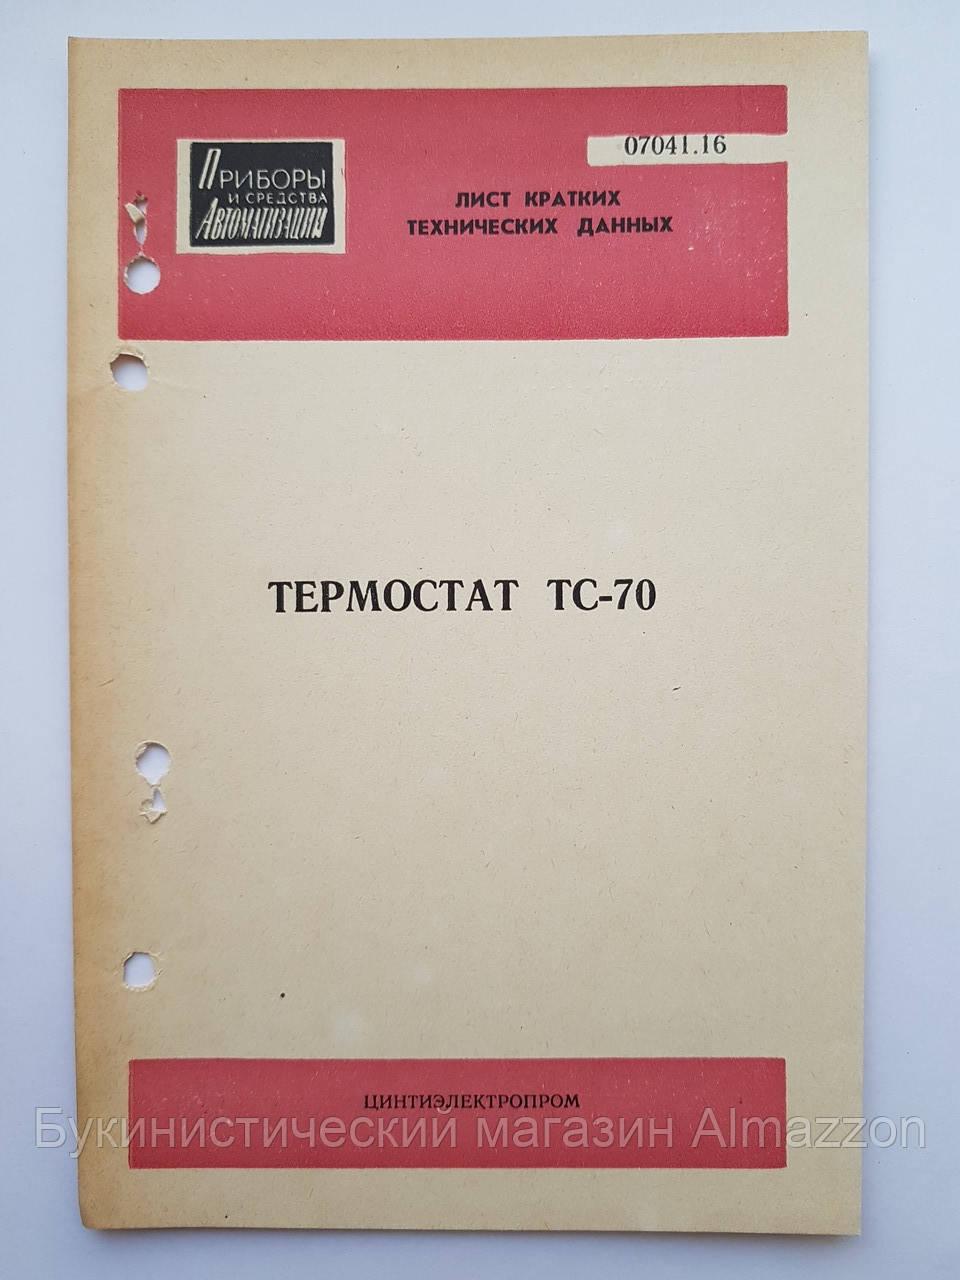 """Лист кратких технических данных """"Термостат ТС-70  07041.16"""""""